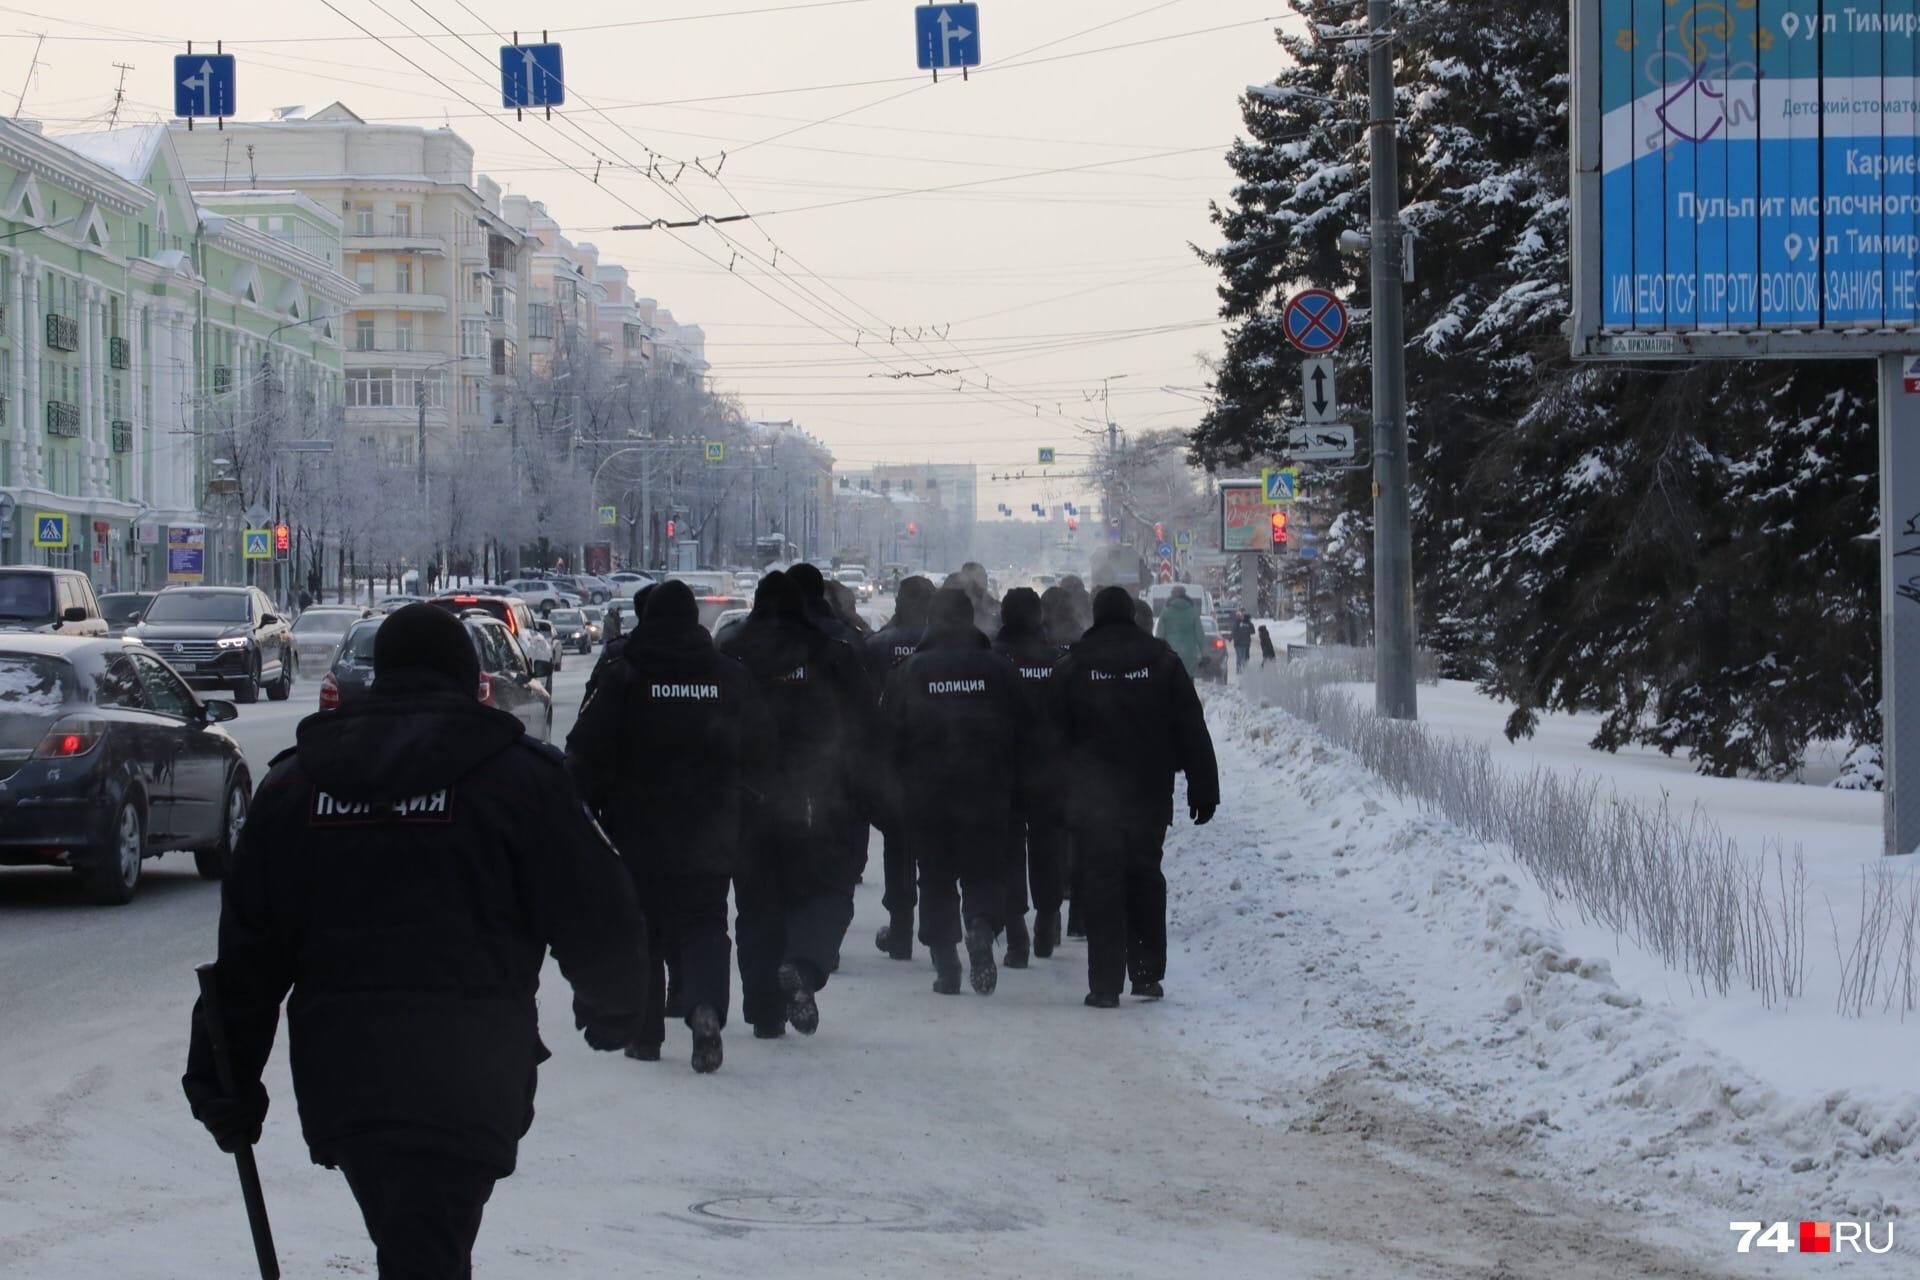 Обежать шествие полицейские пытались прямо по проезжей части